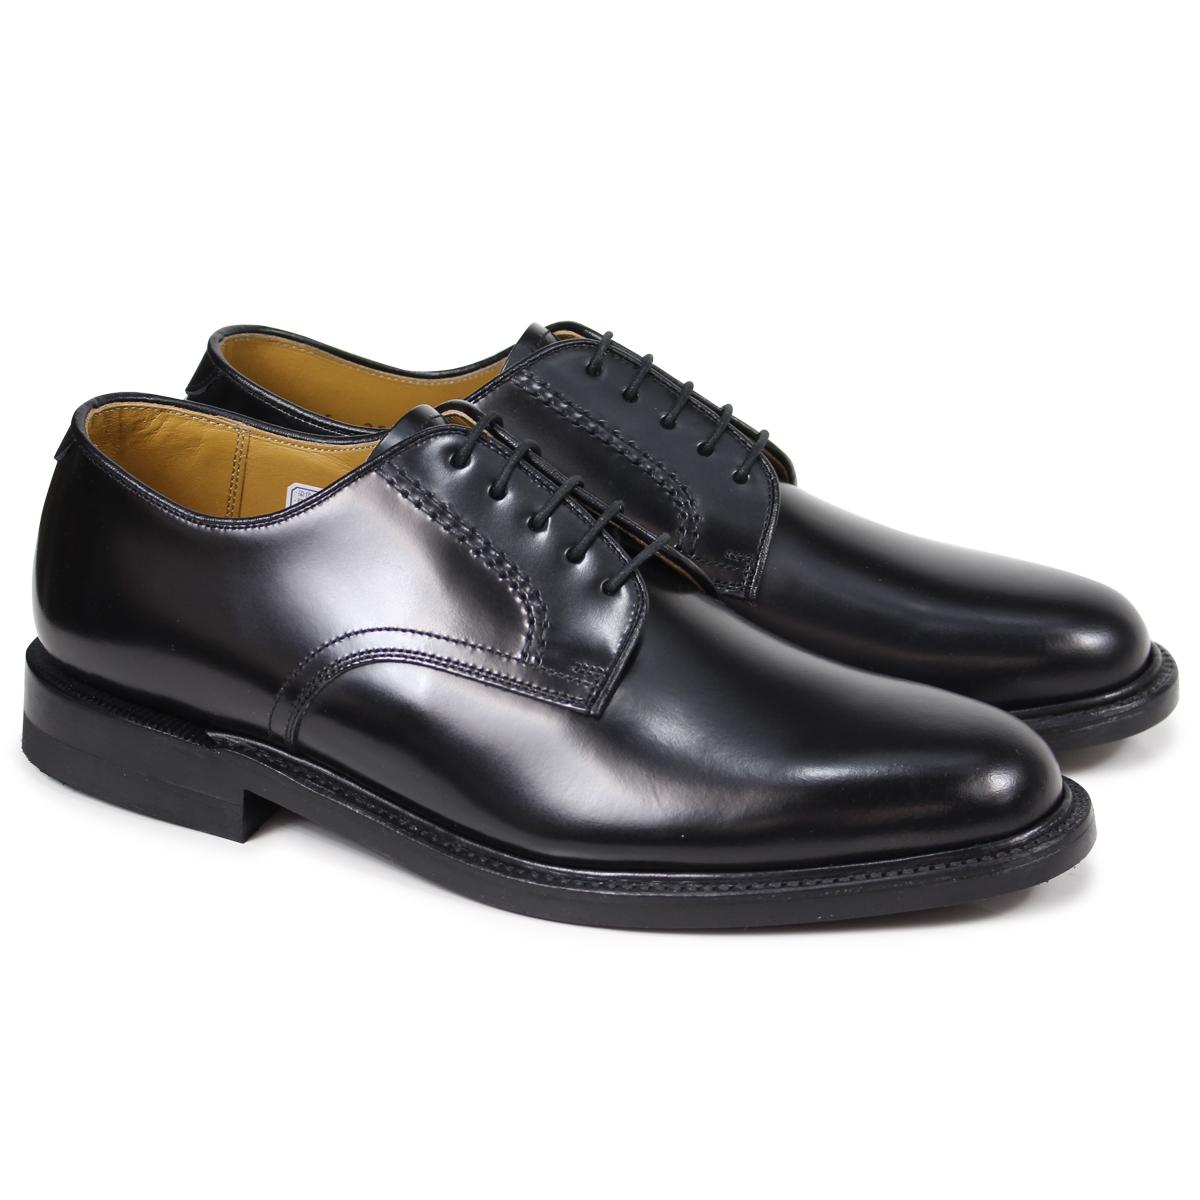 REGAL 2504NA リーガル 靴 メンズ プレーントゥ ビジネスシューズ 日本製 ブラック